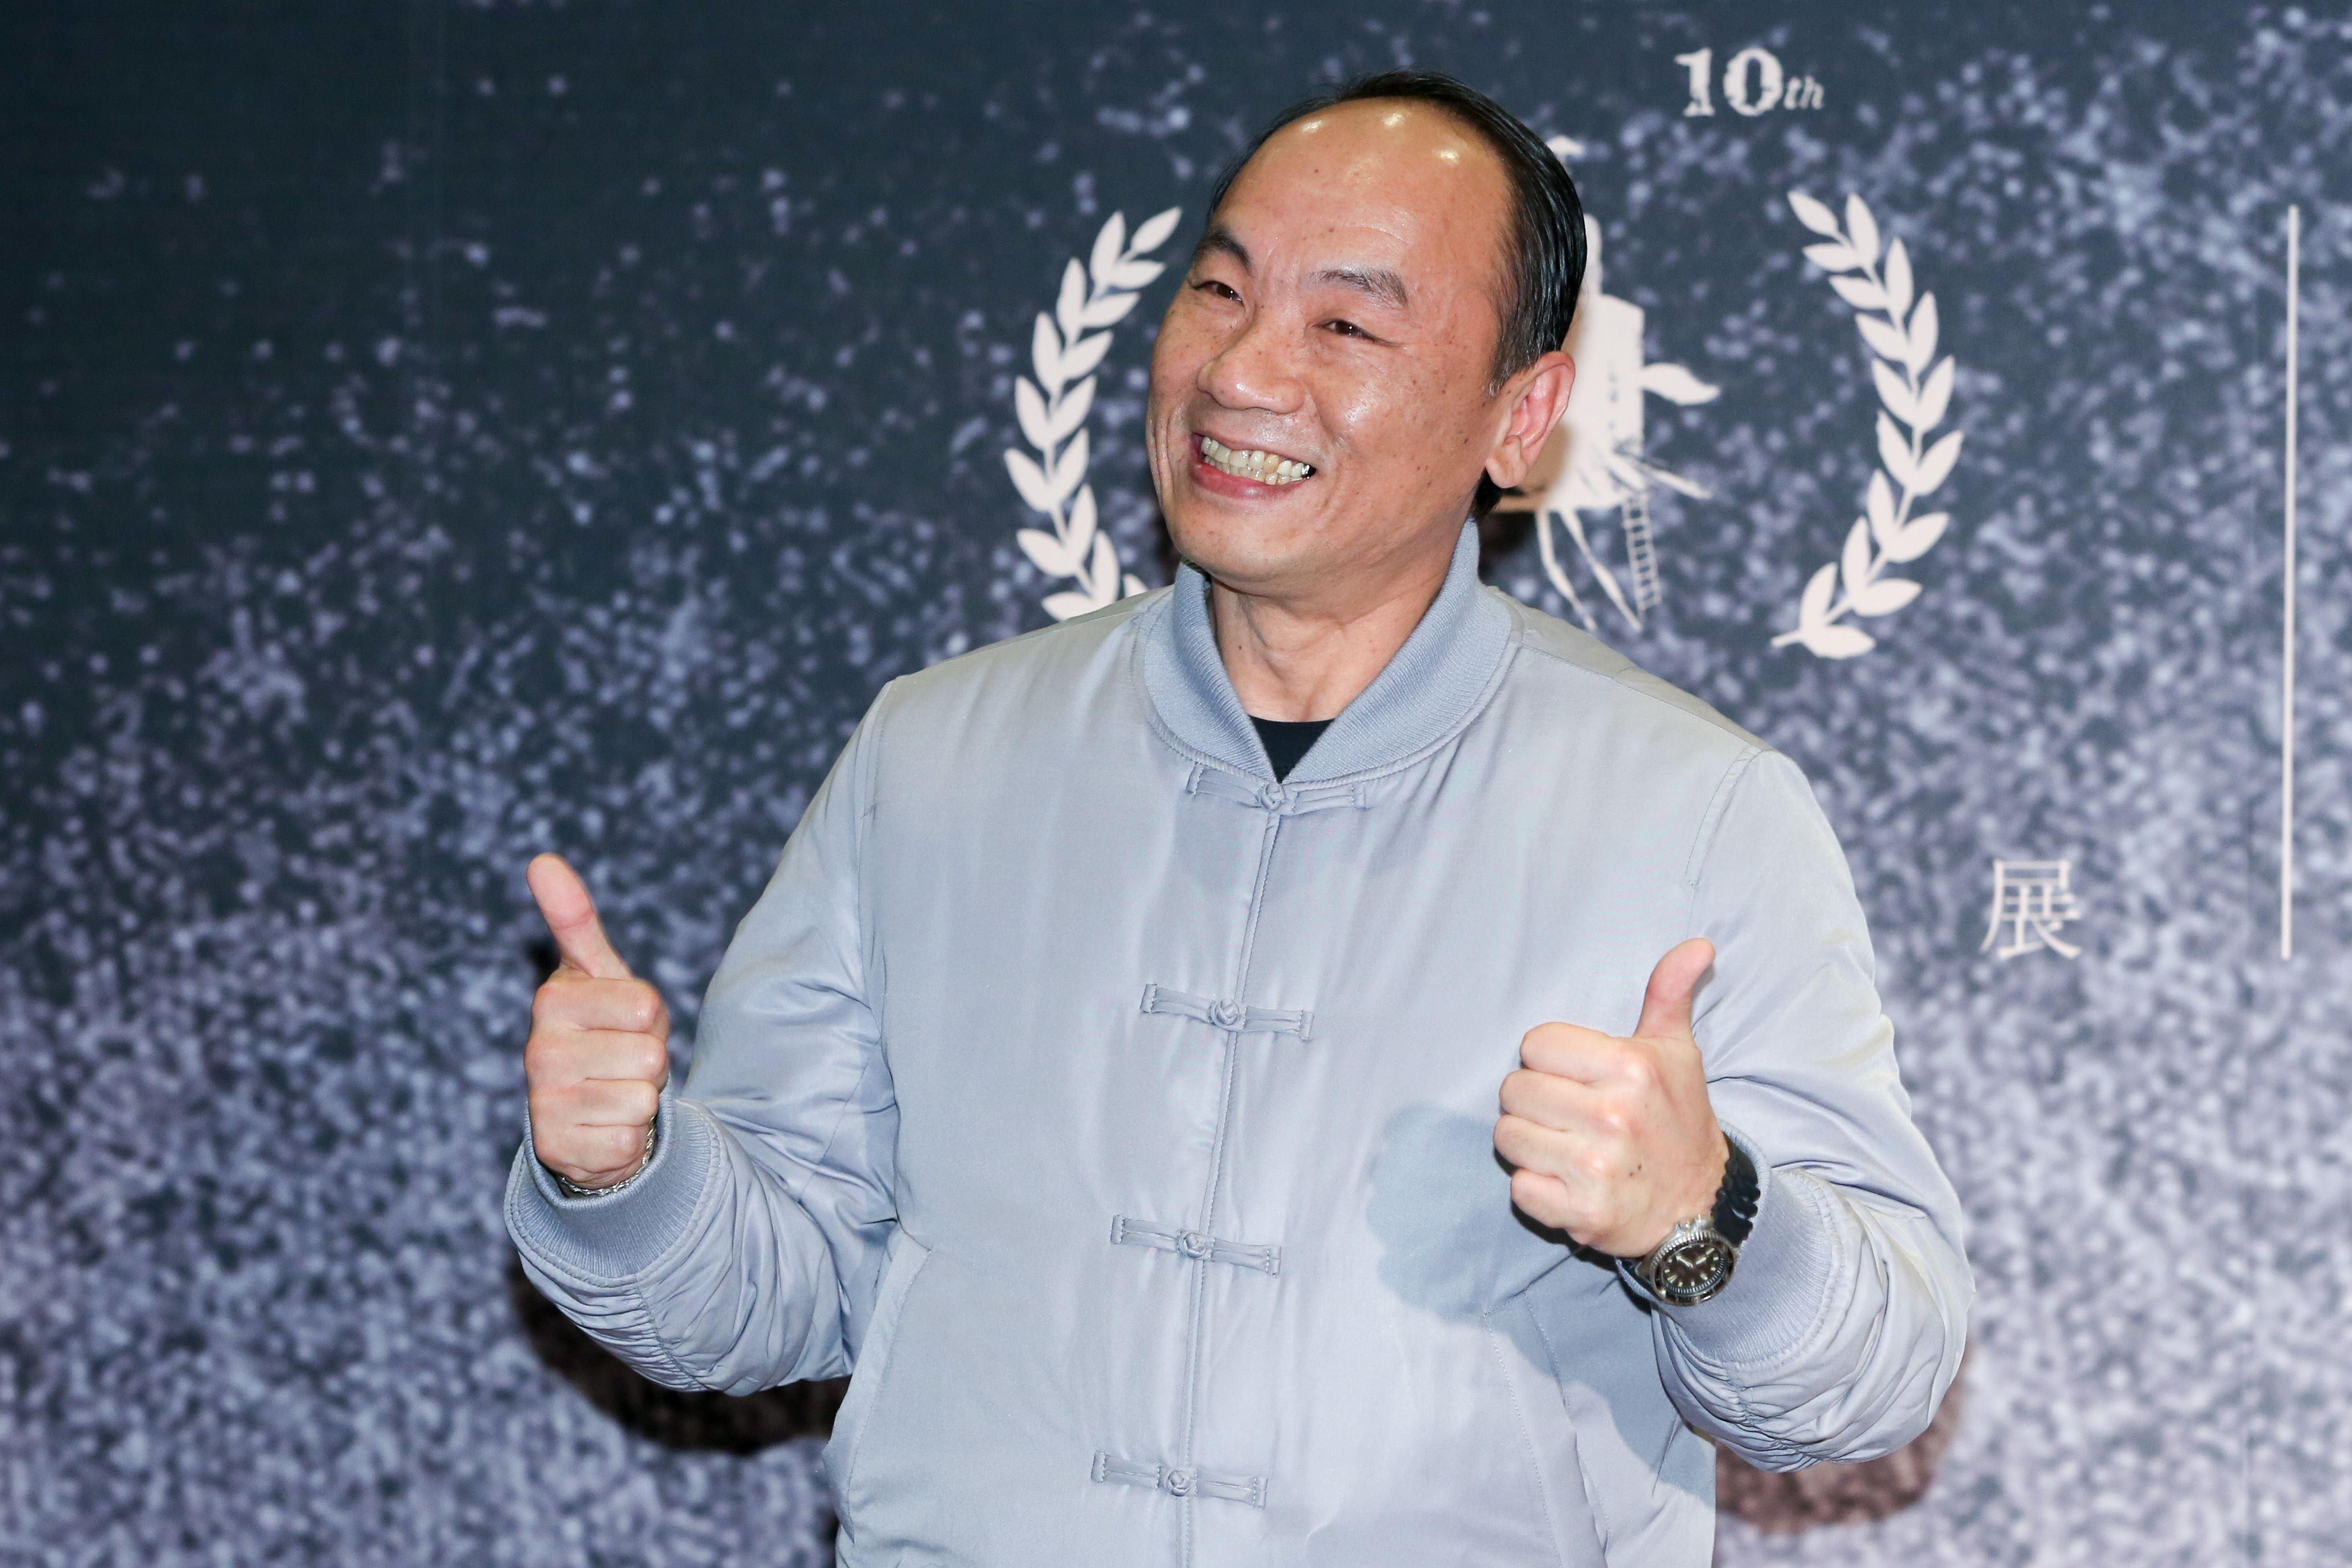 2019金馬奇幻影展開幕片「大體臨門」,演員王自強。(記者林士傑/攝影)